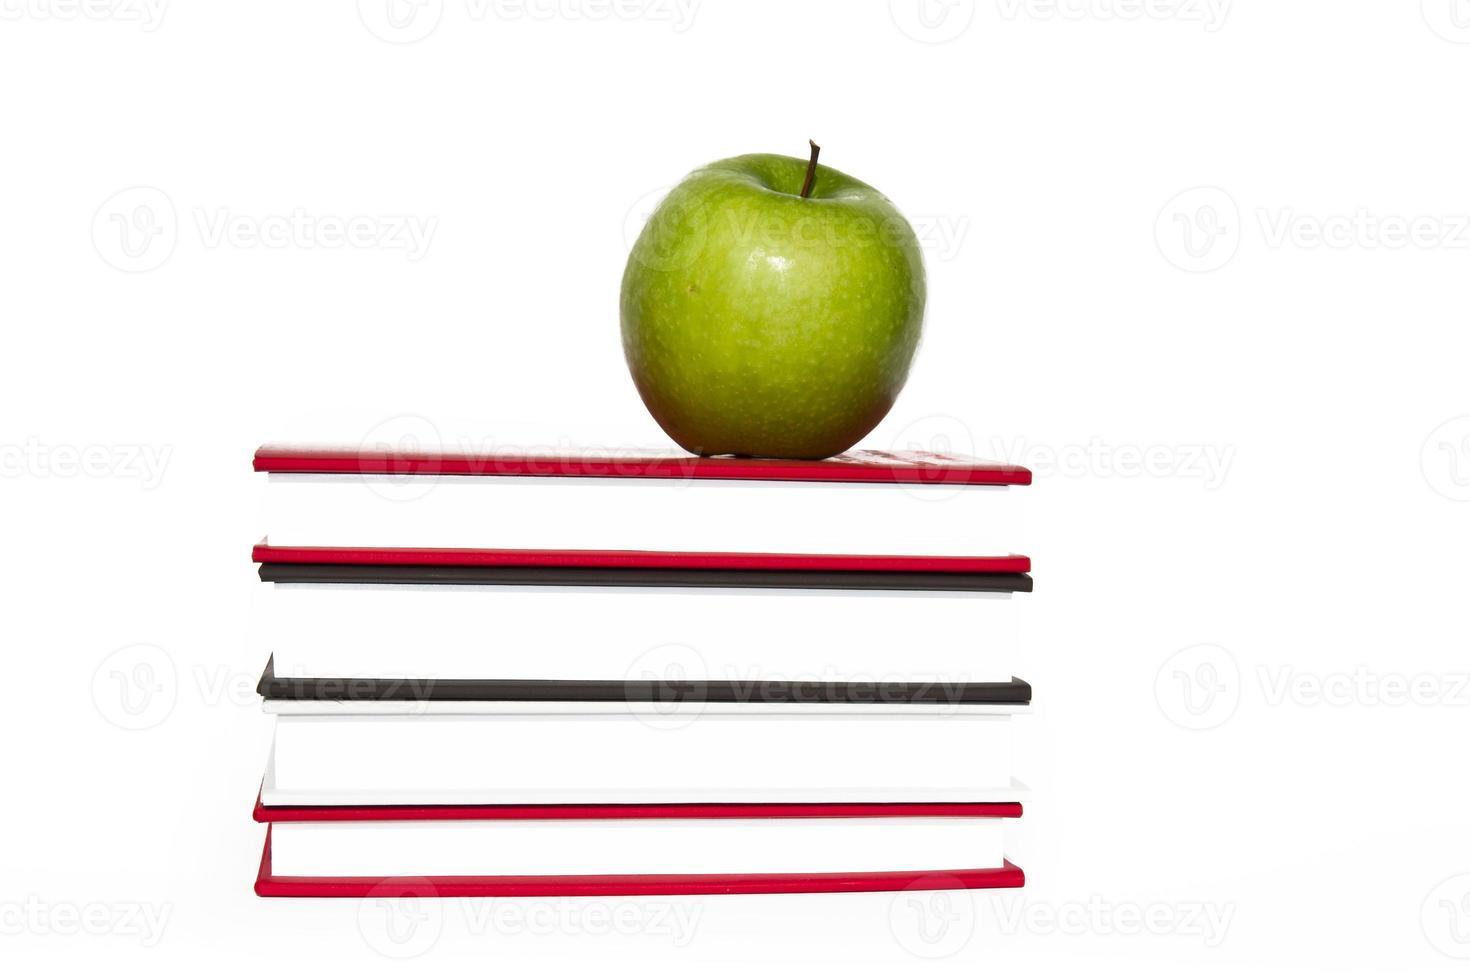 böcker och äpple isolerad på vit bakgrund foto